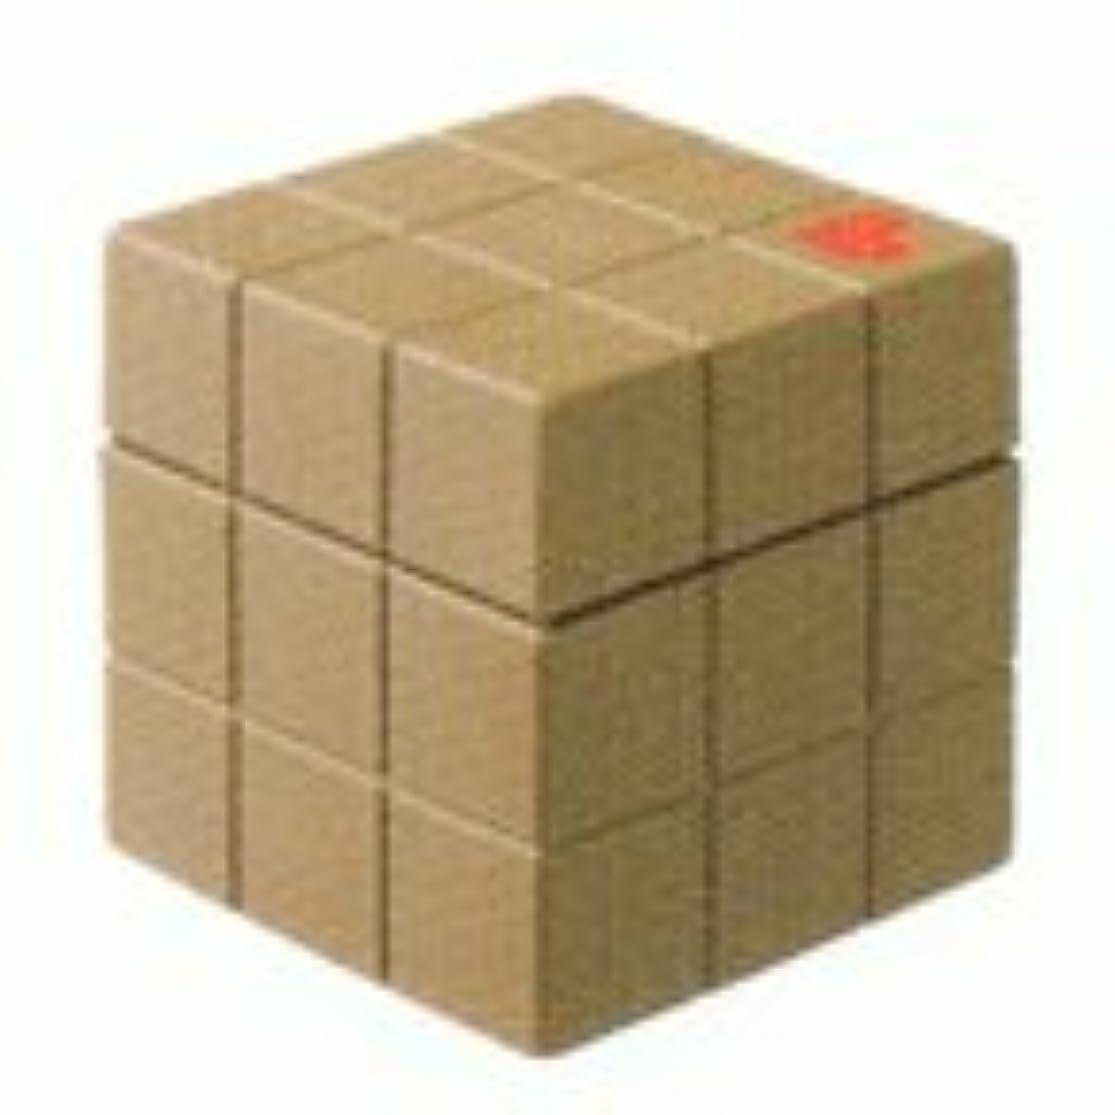 前提条件適応貢献するアリミノ ピース ソフトワックス 80g(カフェオレ)